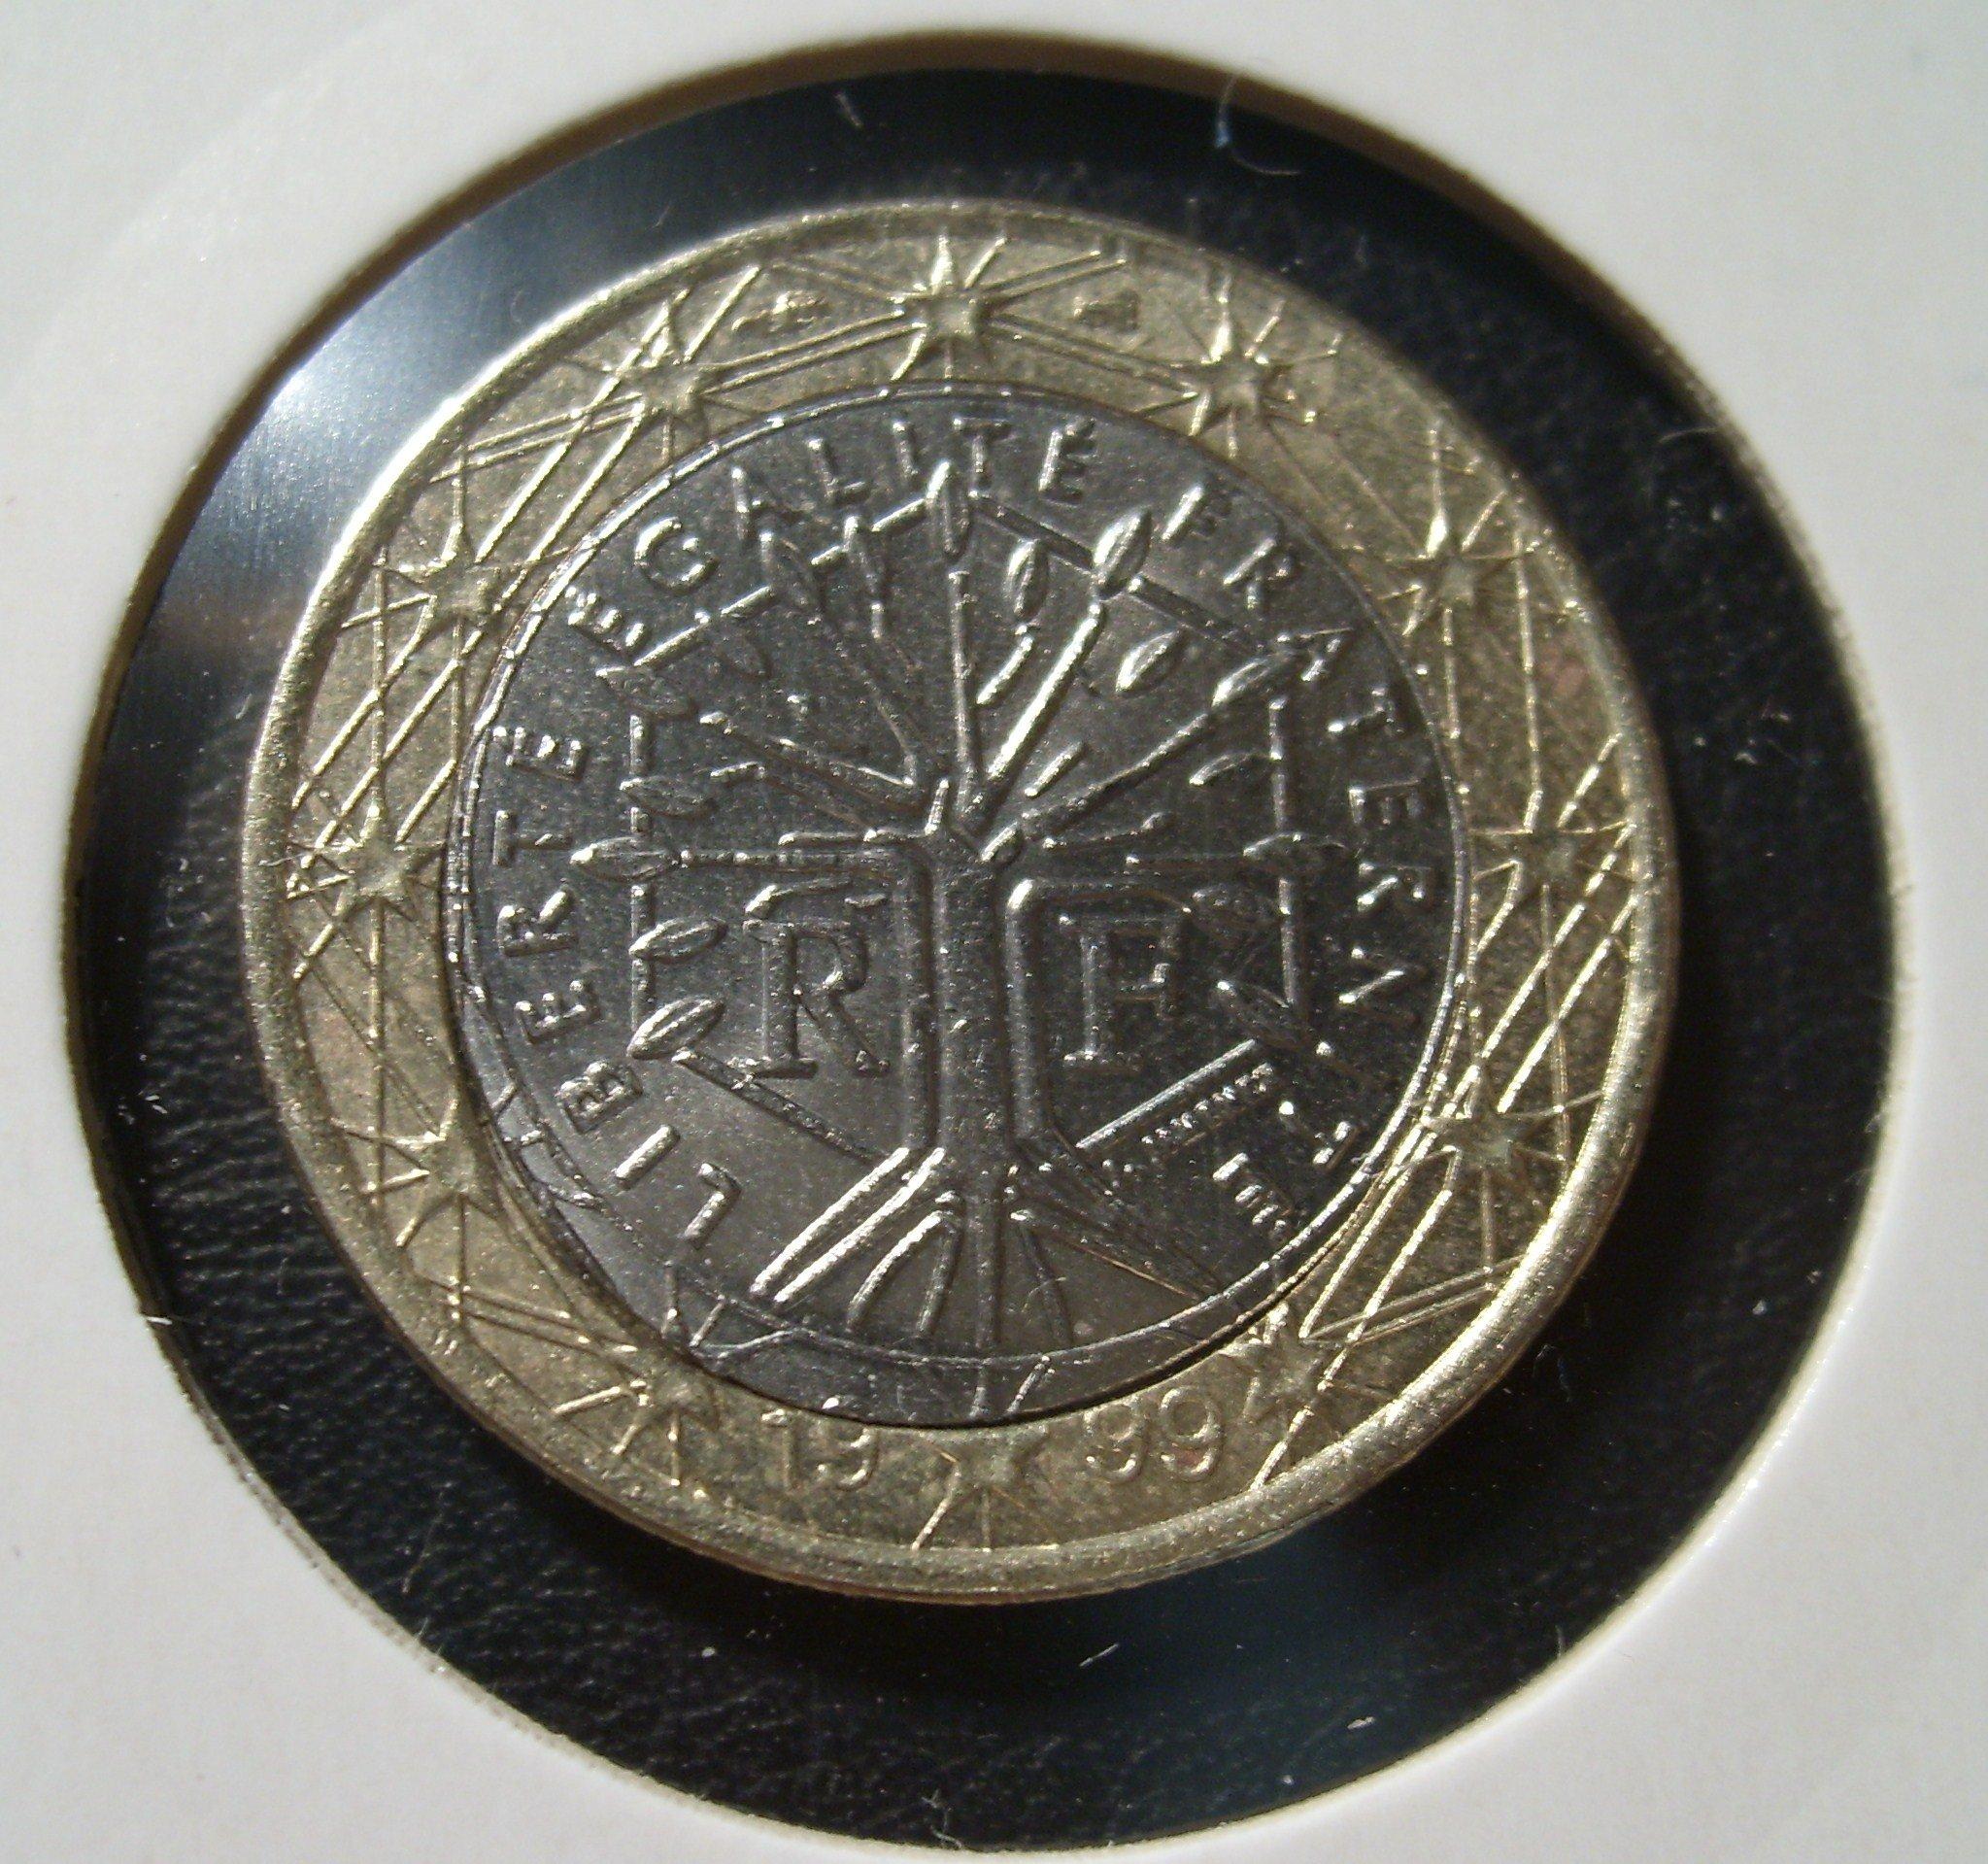 Piece monnaie euro faute - Sol en piece de monnaie ...